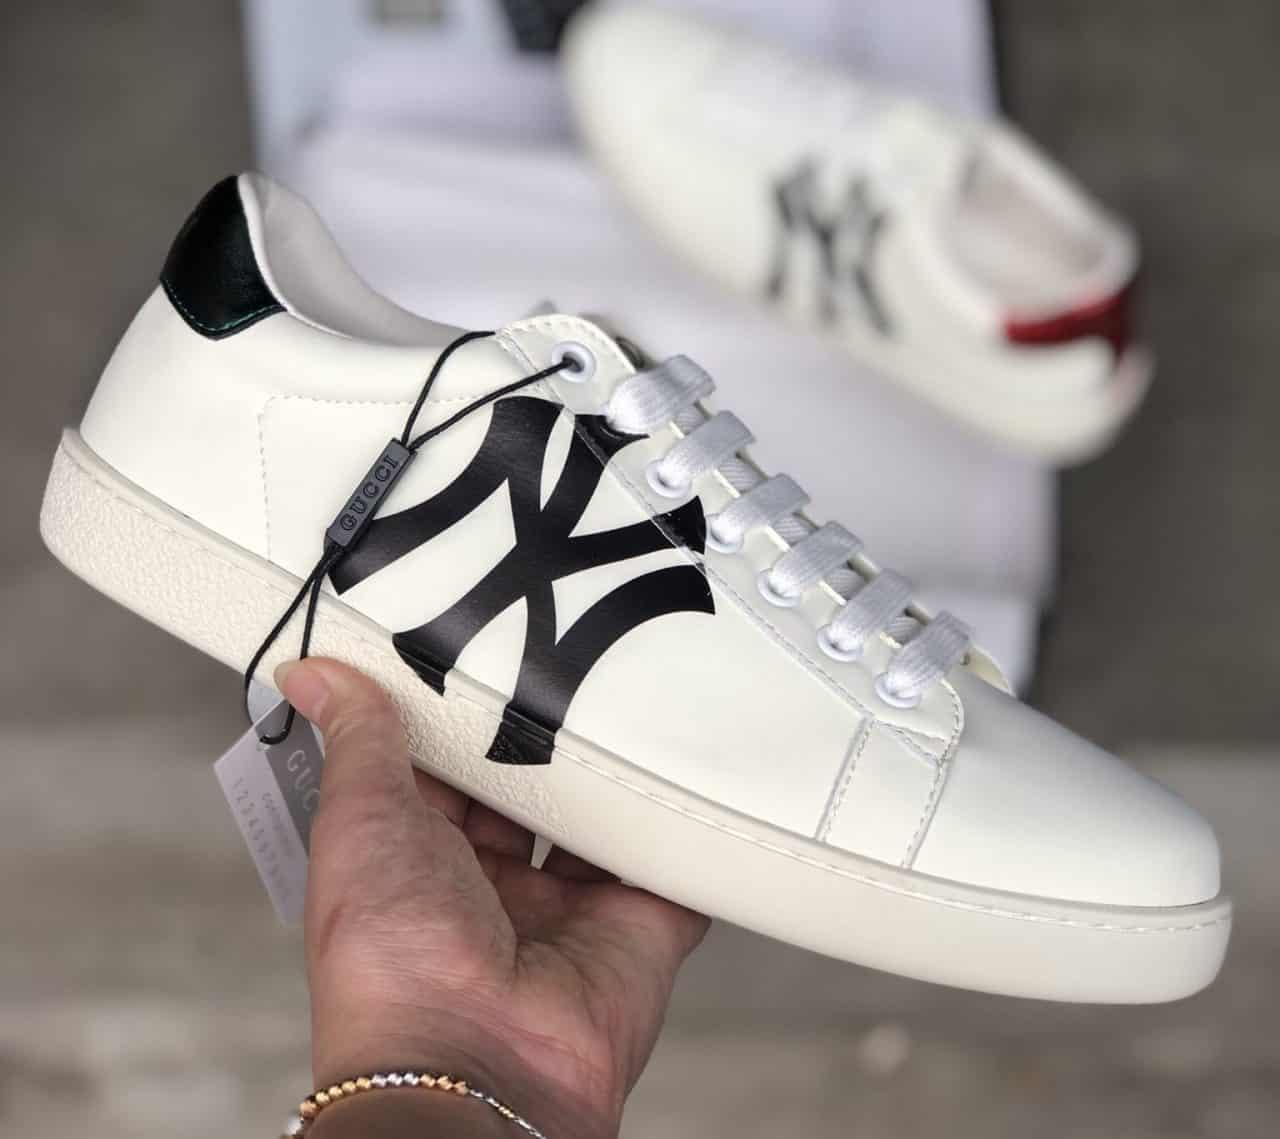 Giày Gucci ACE rep 1:1 là bản phối màu đơn giản của sự kết hợp Trắng, Đen